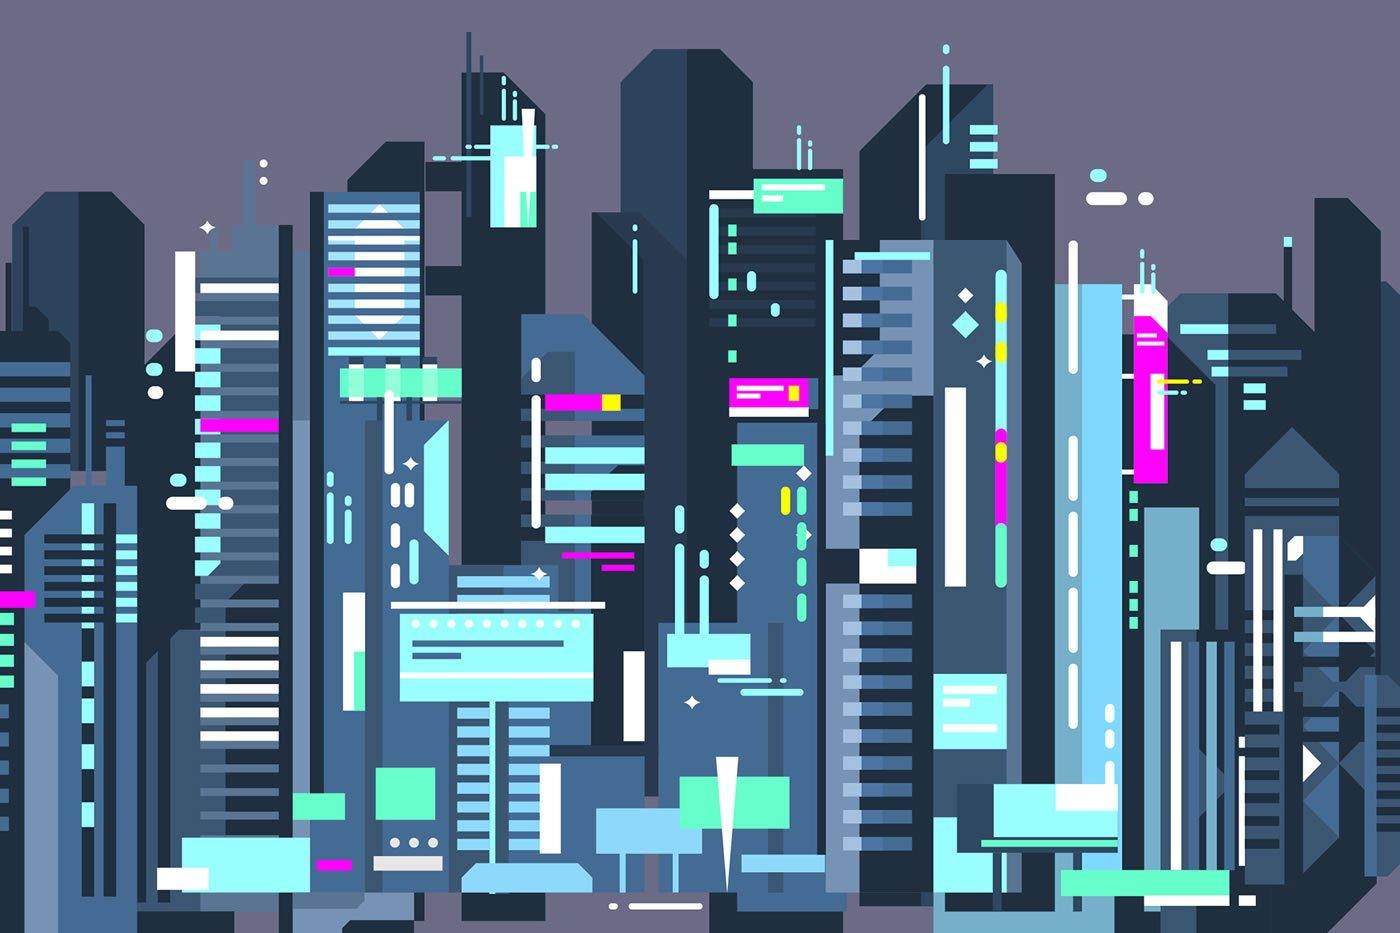 Skyscraper - Urban design